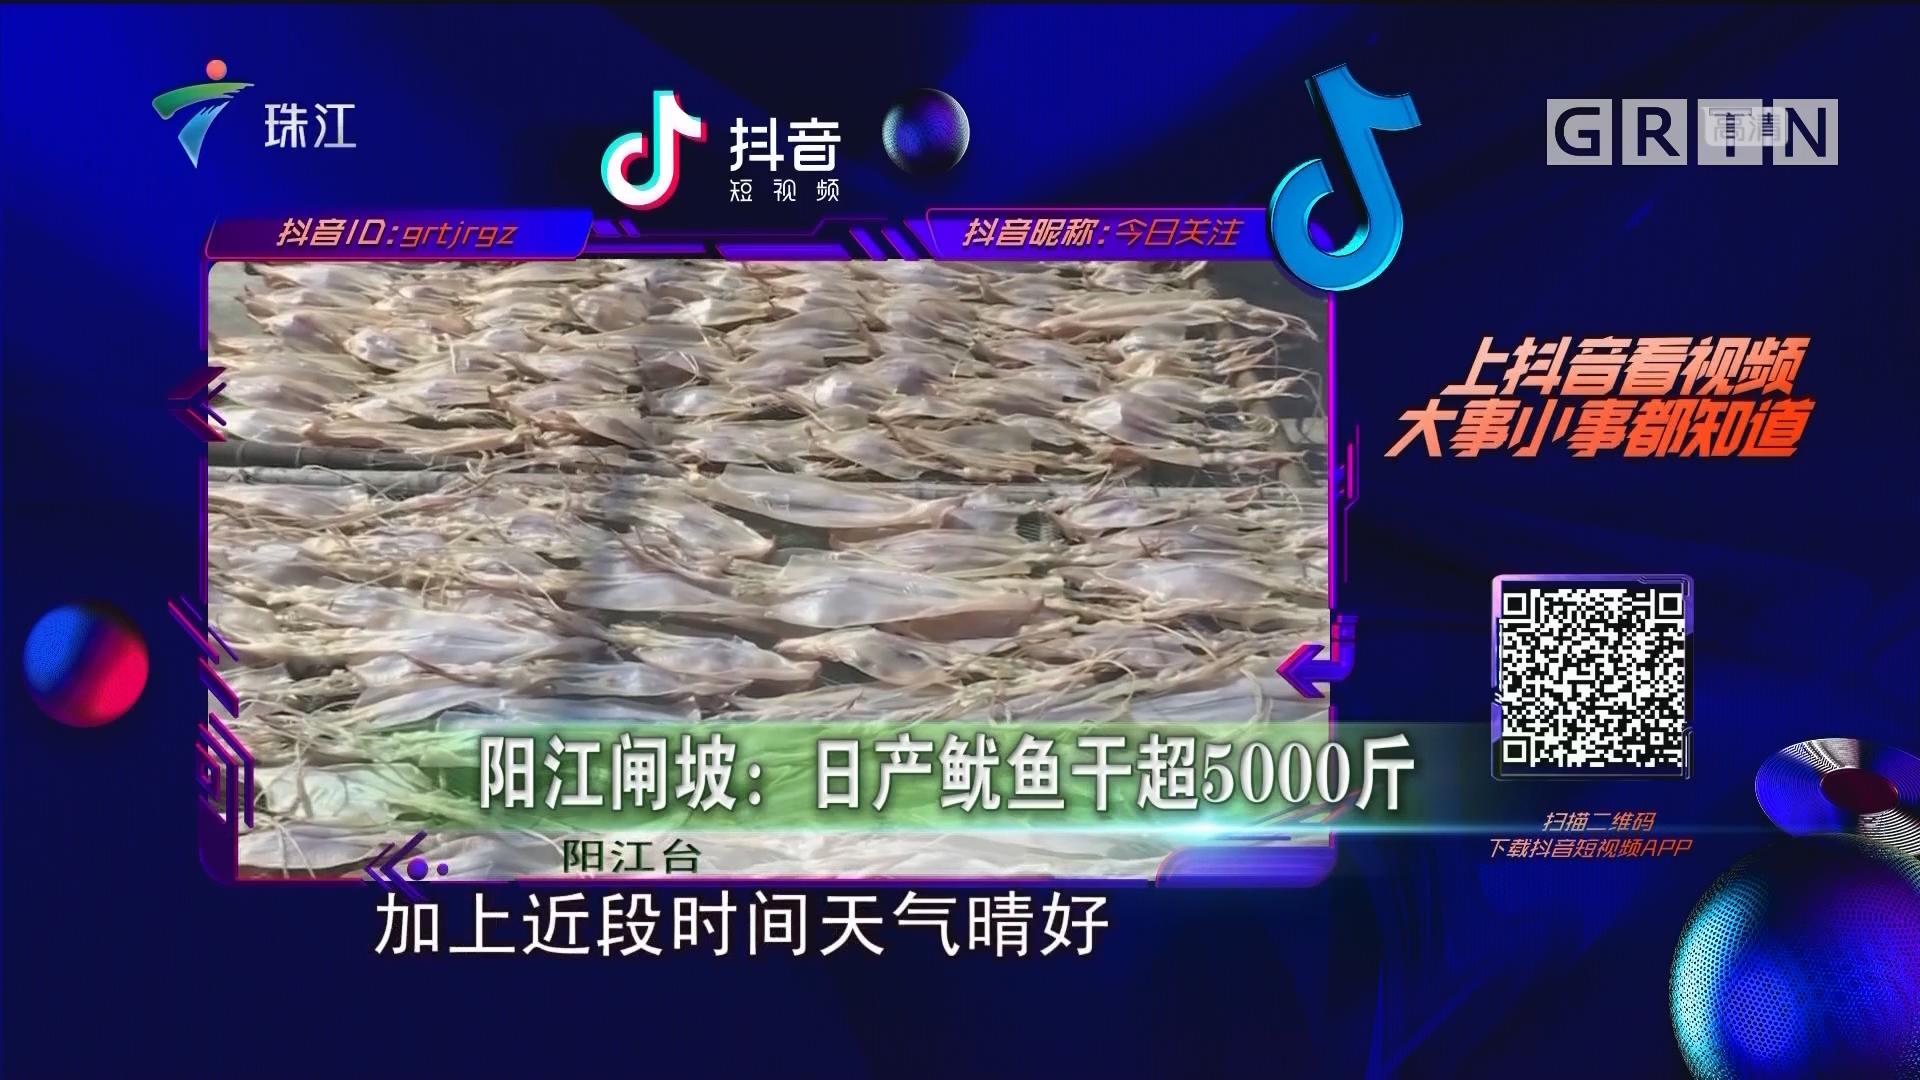 阳江闸坡:日产鱿鱼干超5000斤